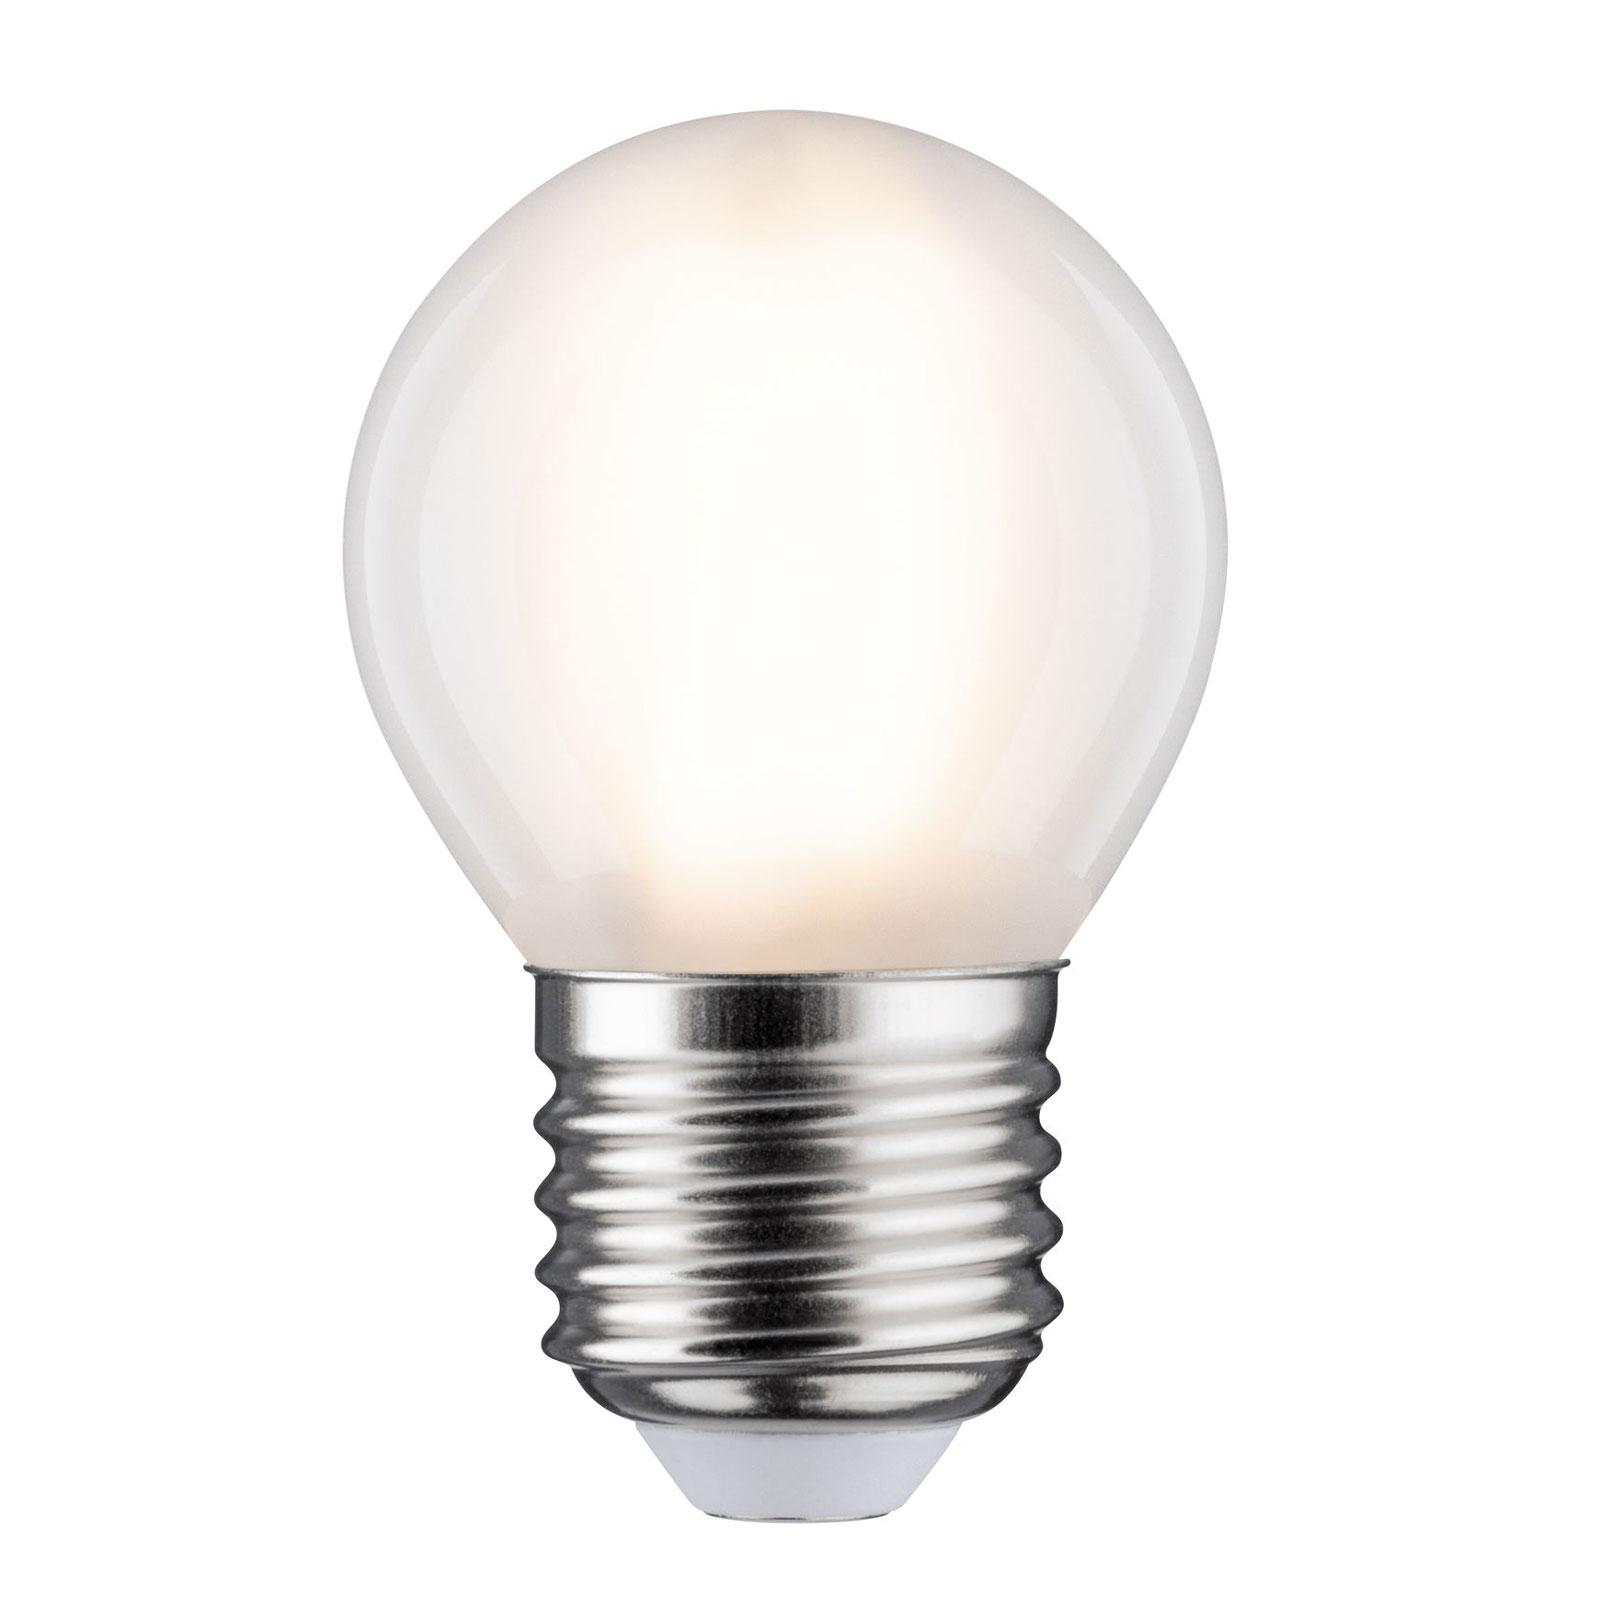 Lampadina LED E27 5W goccia 2.700K satinato Illuminazione per interni